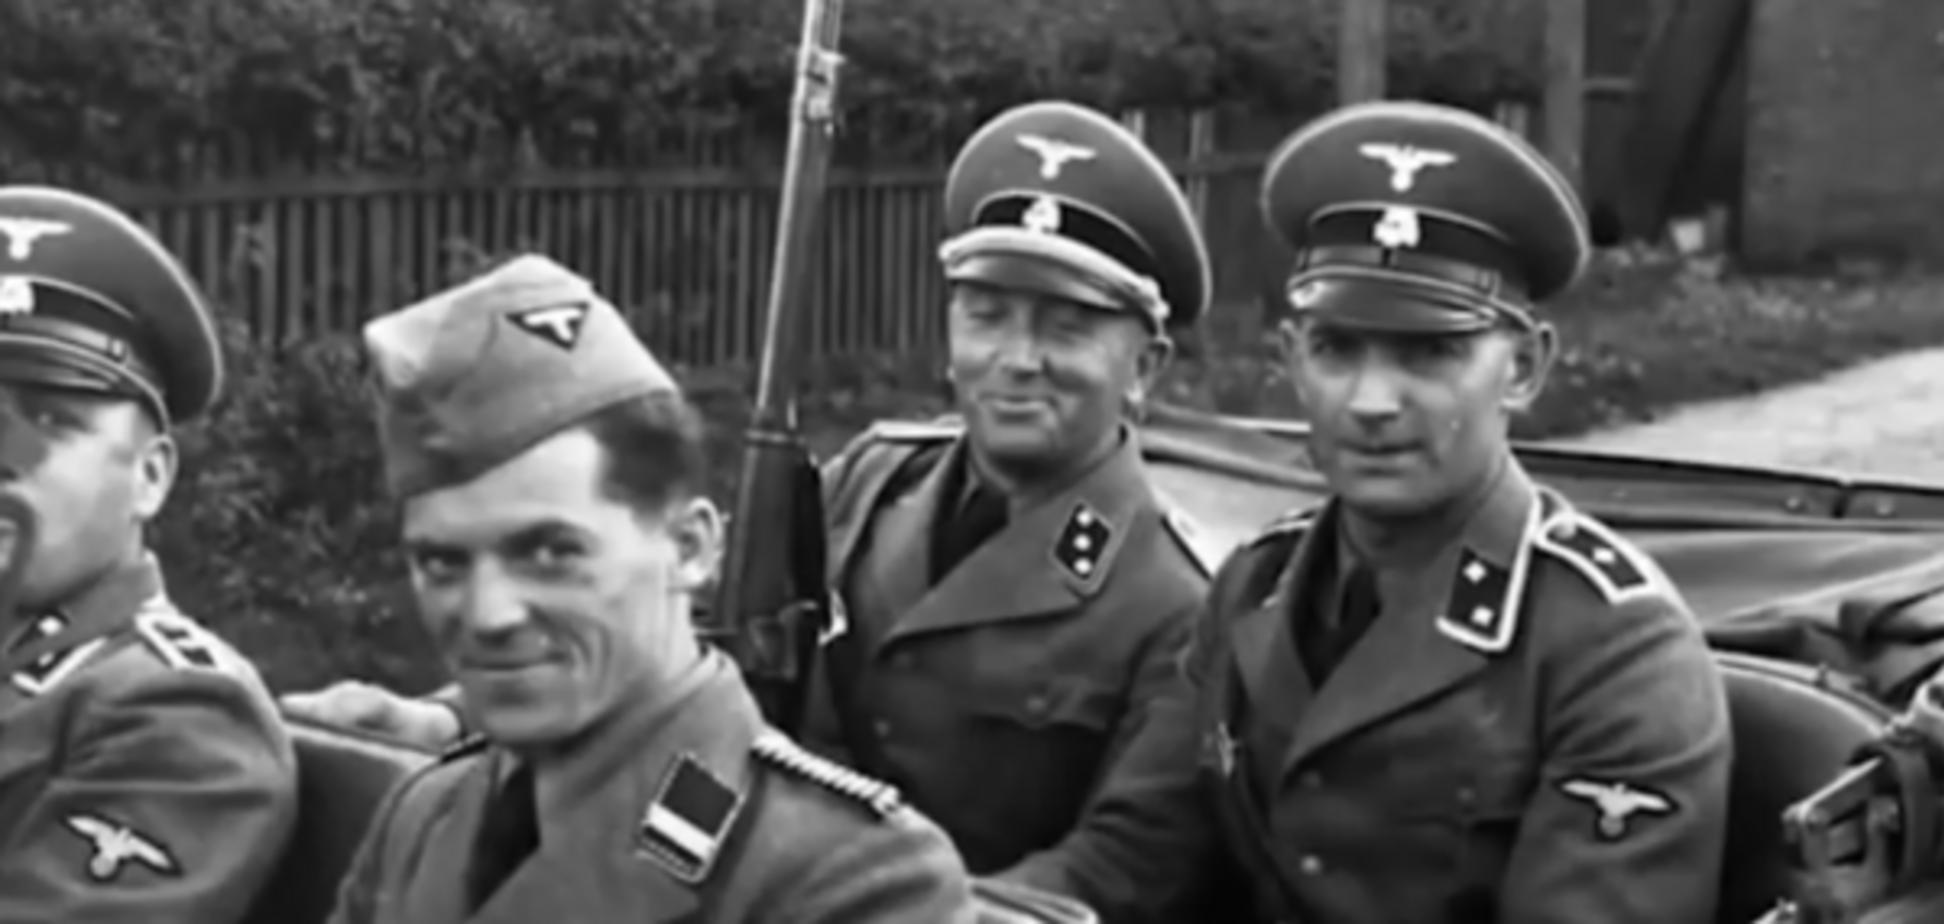 'Служив у СС, вбивав росіян': кремлівська пропаганда видала ідіотський фейк про батька Турчинова